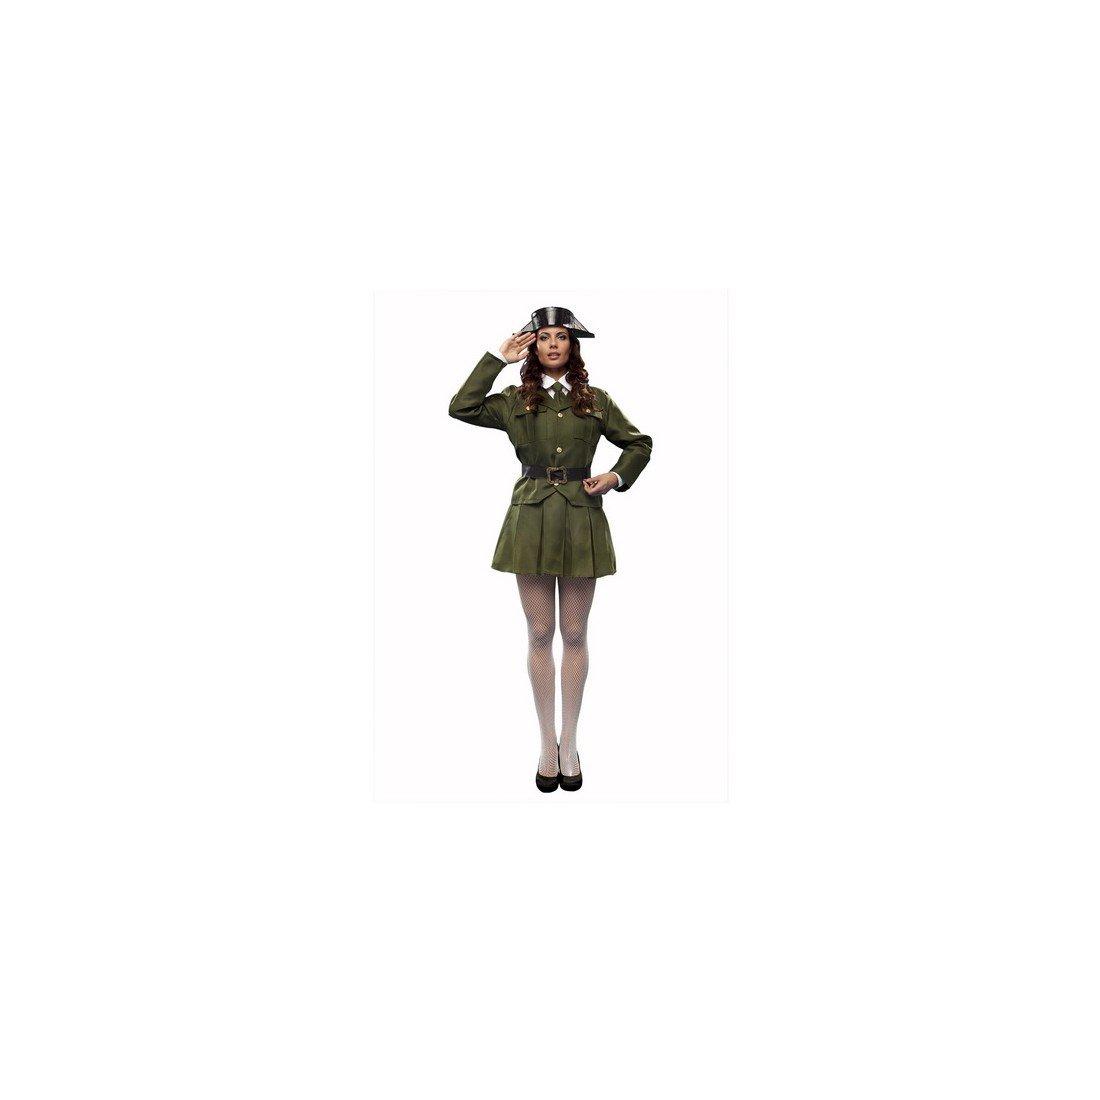 Desconocido Disfraz guardia civil mujer